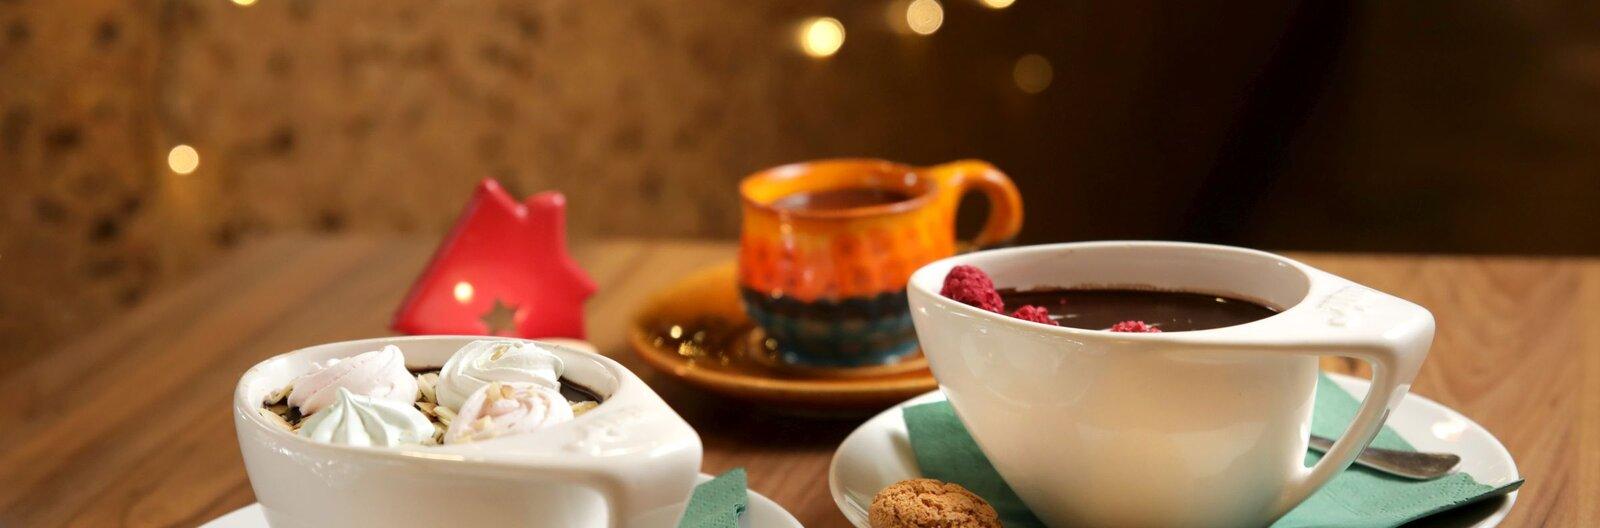 Így csináld végig a Száraz Novembert – 10 hely, ahol izgalmas italokat kóstolhatsz a teától az alkoholmentes koktélig